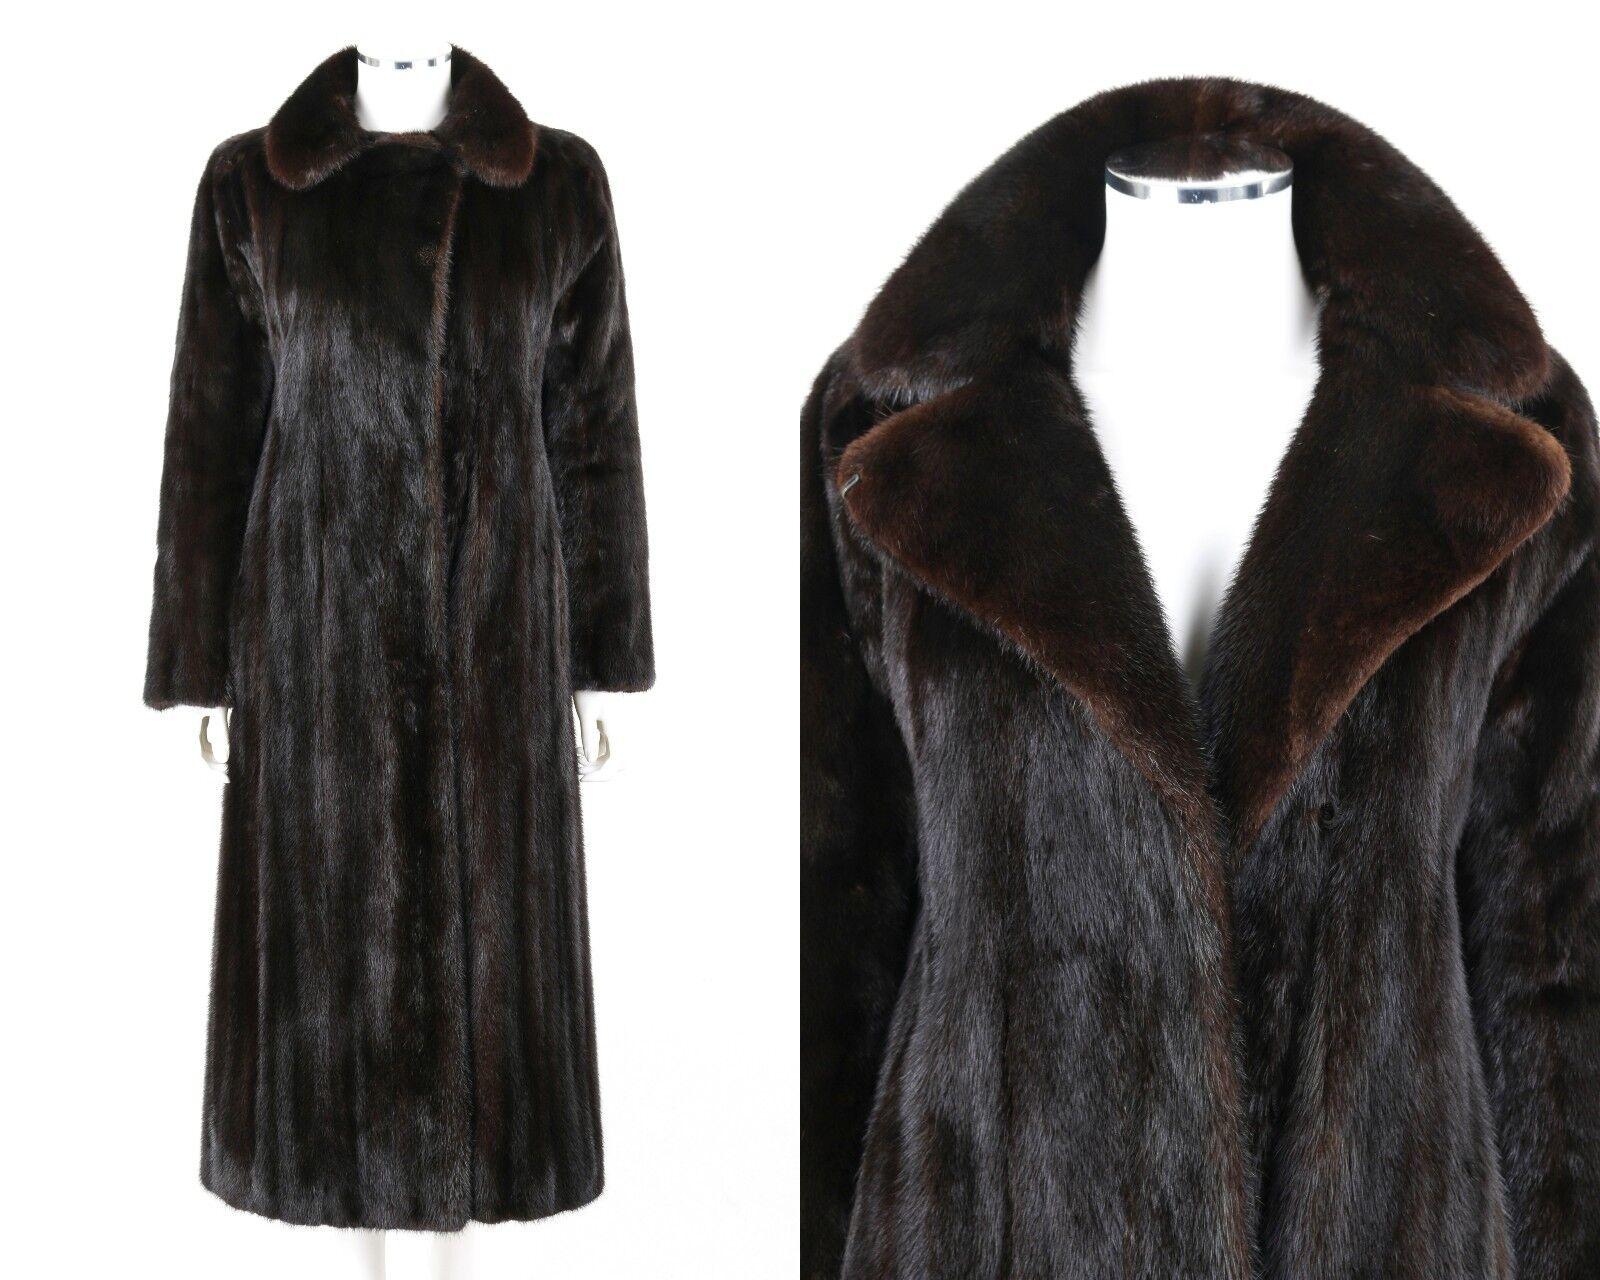 REVILLON Saks Fifth Avenue Oscuro Marrón Genuino  Chaqueta de Abrigo de longitud completa de piel de visón M  alta calidad general